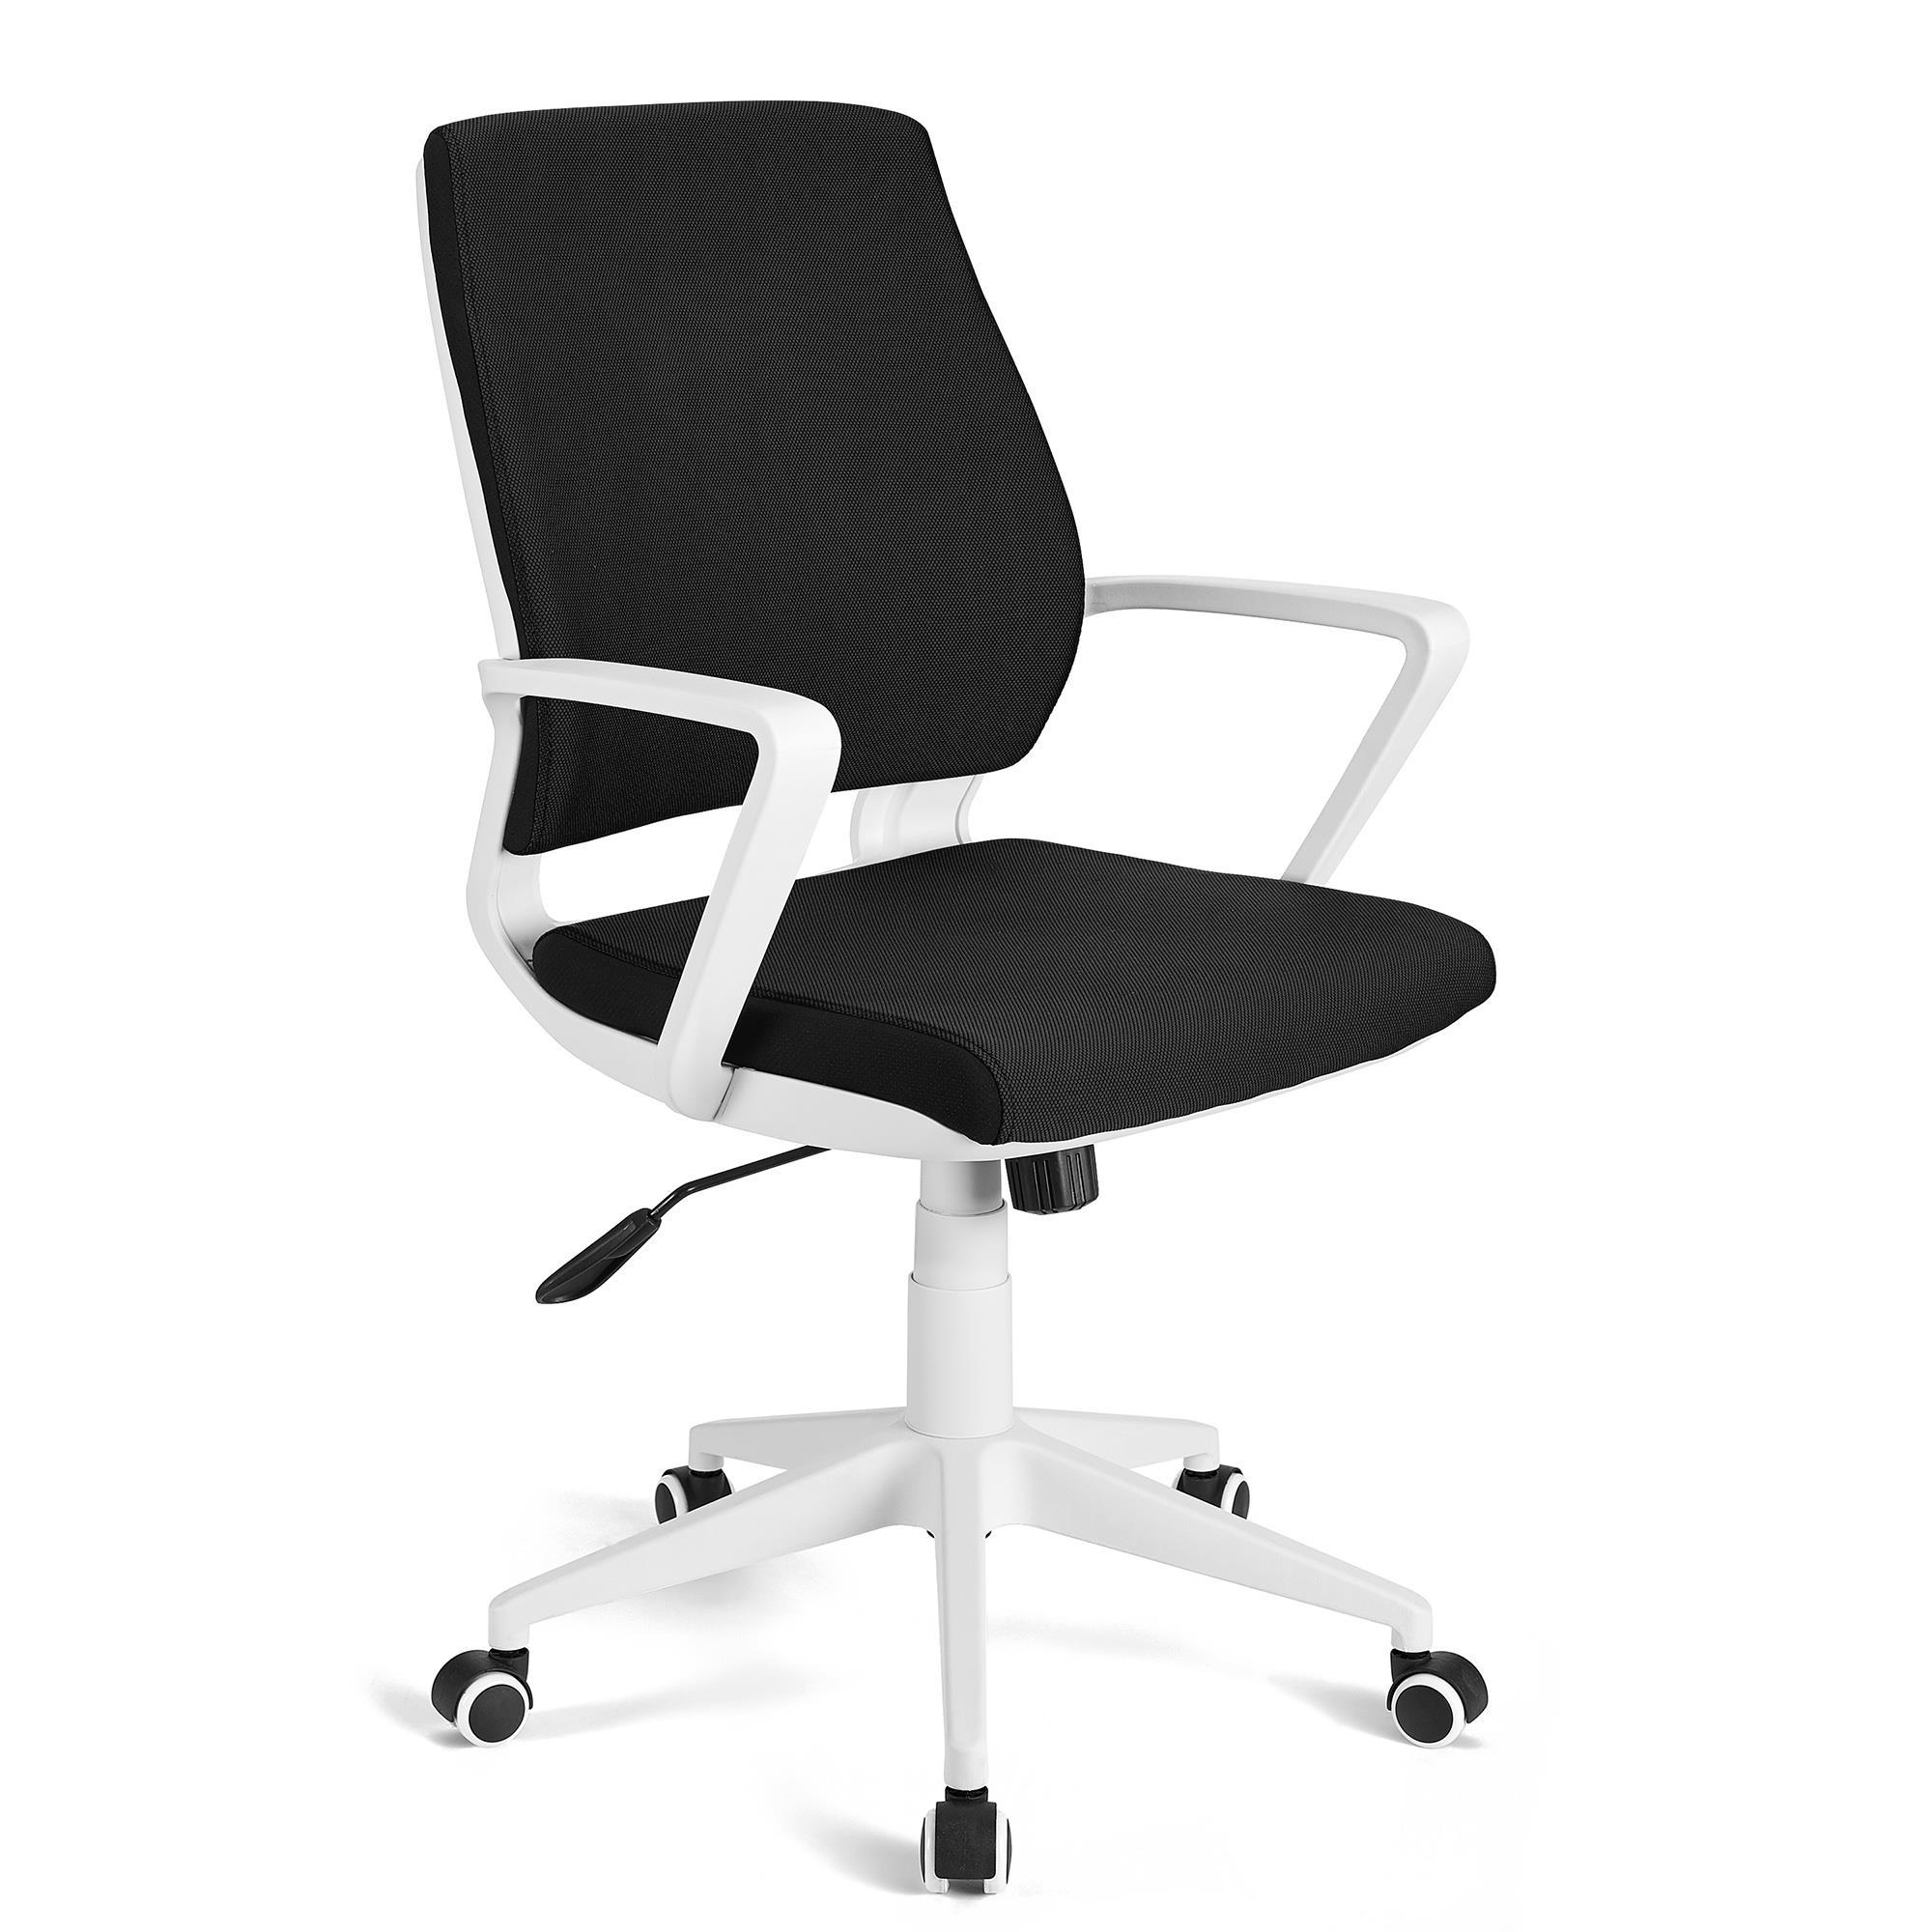 Sedia da ufficio irma basculante struttura bianca for Sedia ufficio xxl